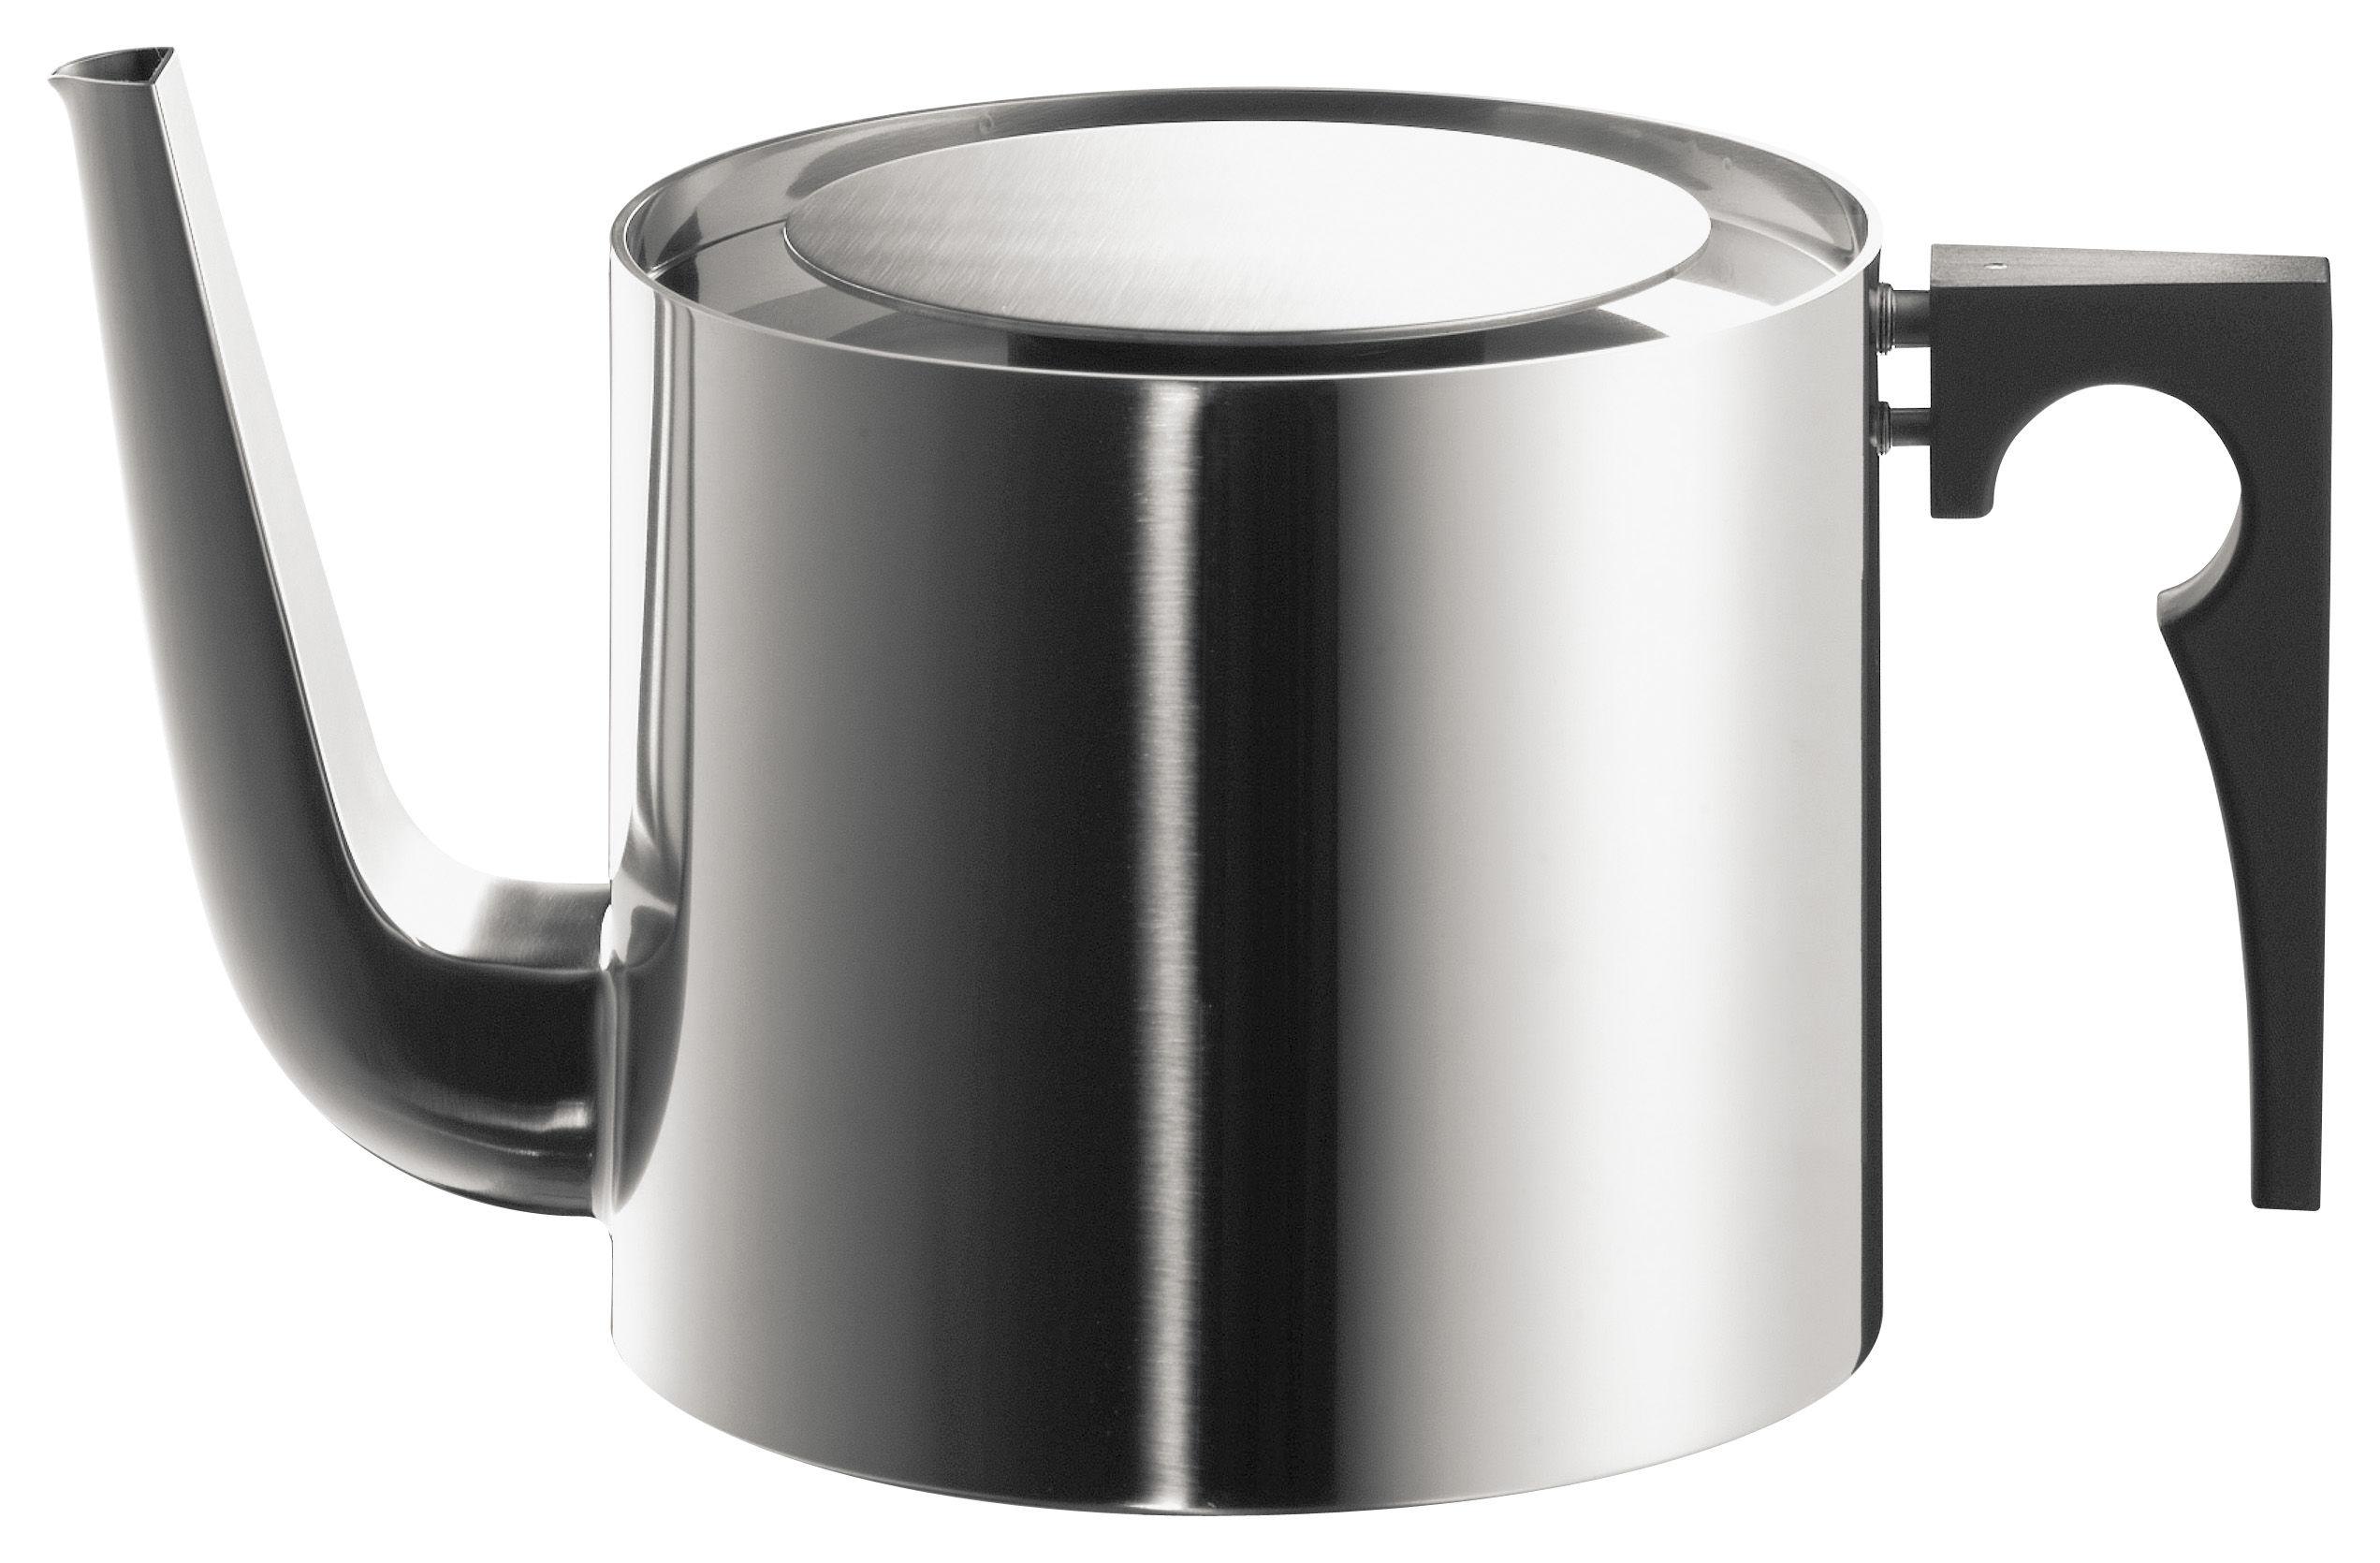 Tavola - Caffè - Barattolo per il thé Cylinda Line - Stelton - 1,25 L / Acciaio - Acciaio inossidabile lucido, Bachelite